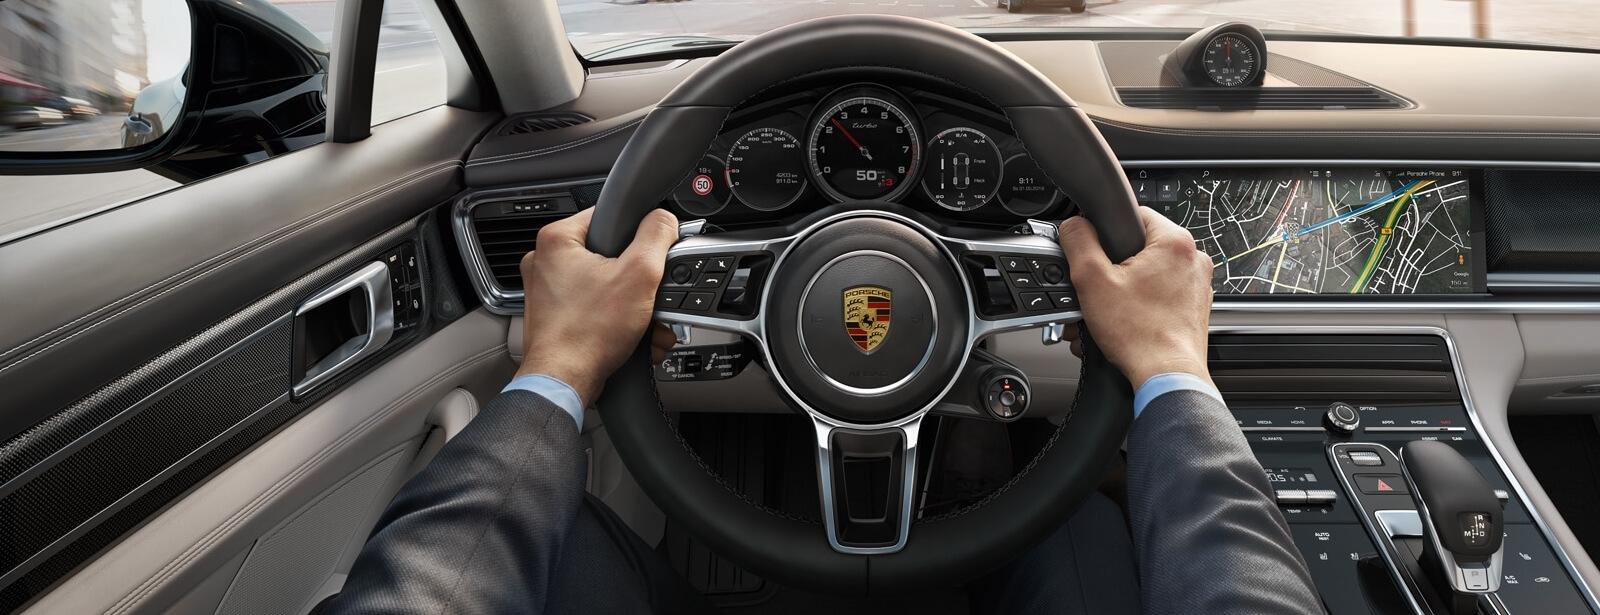 Anche le App guidano volentieri le auto sportive.